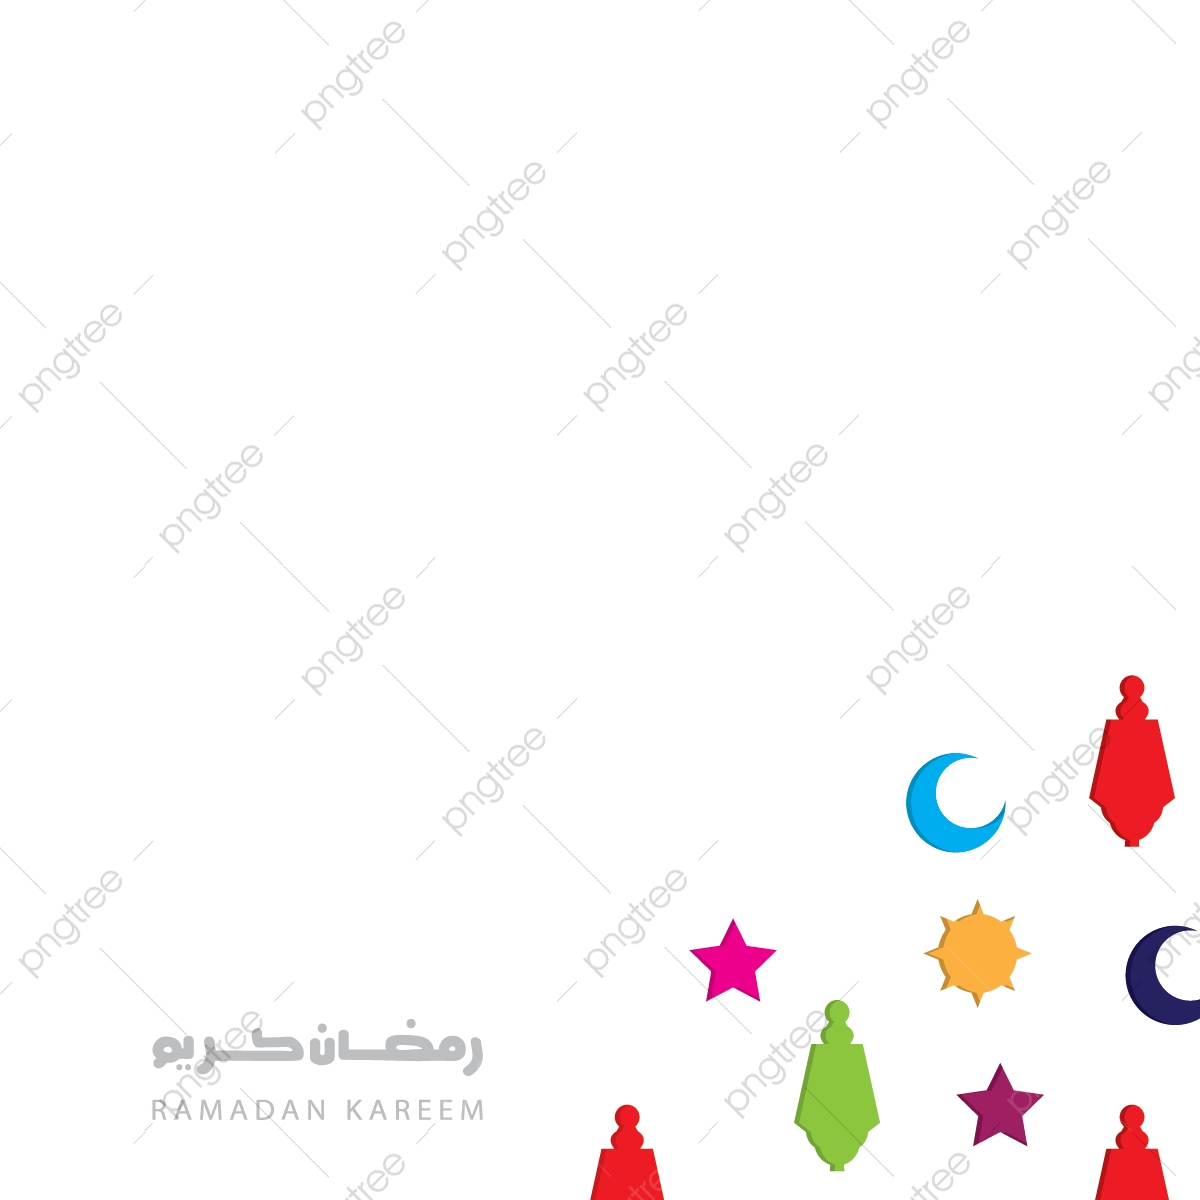 الهلال رمضان كريم خلفية بيضاء مع النجوم الملونة زهرة و Lanternsholy شهر المسلمين السنة خلاصة العربية فن Png والمتجهات للتحميل مجانا